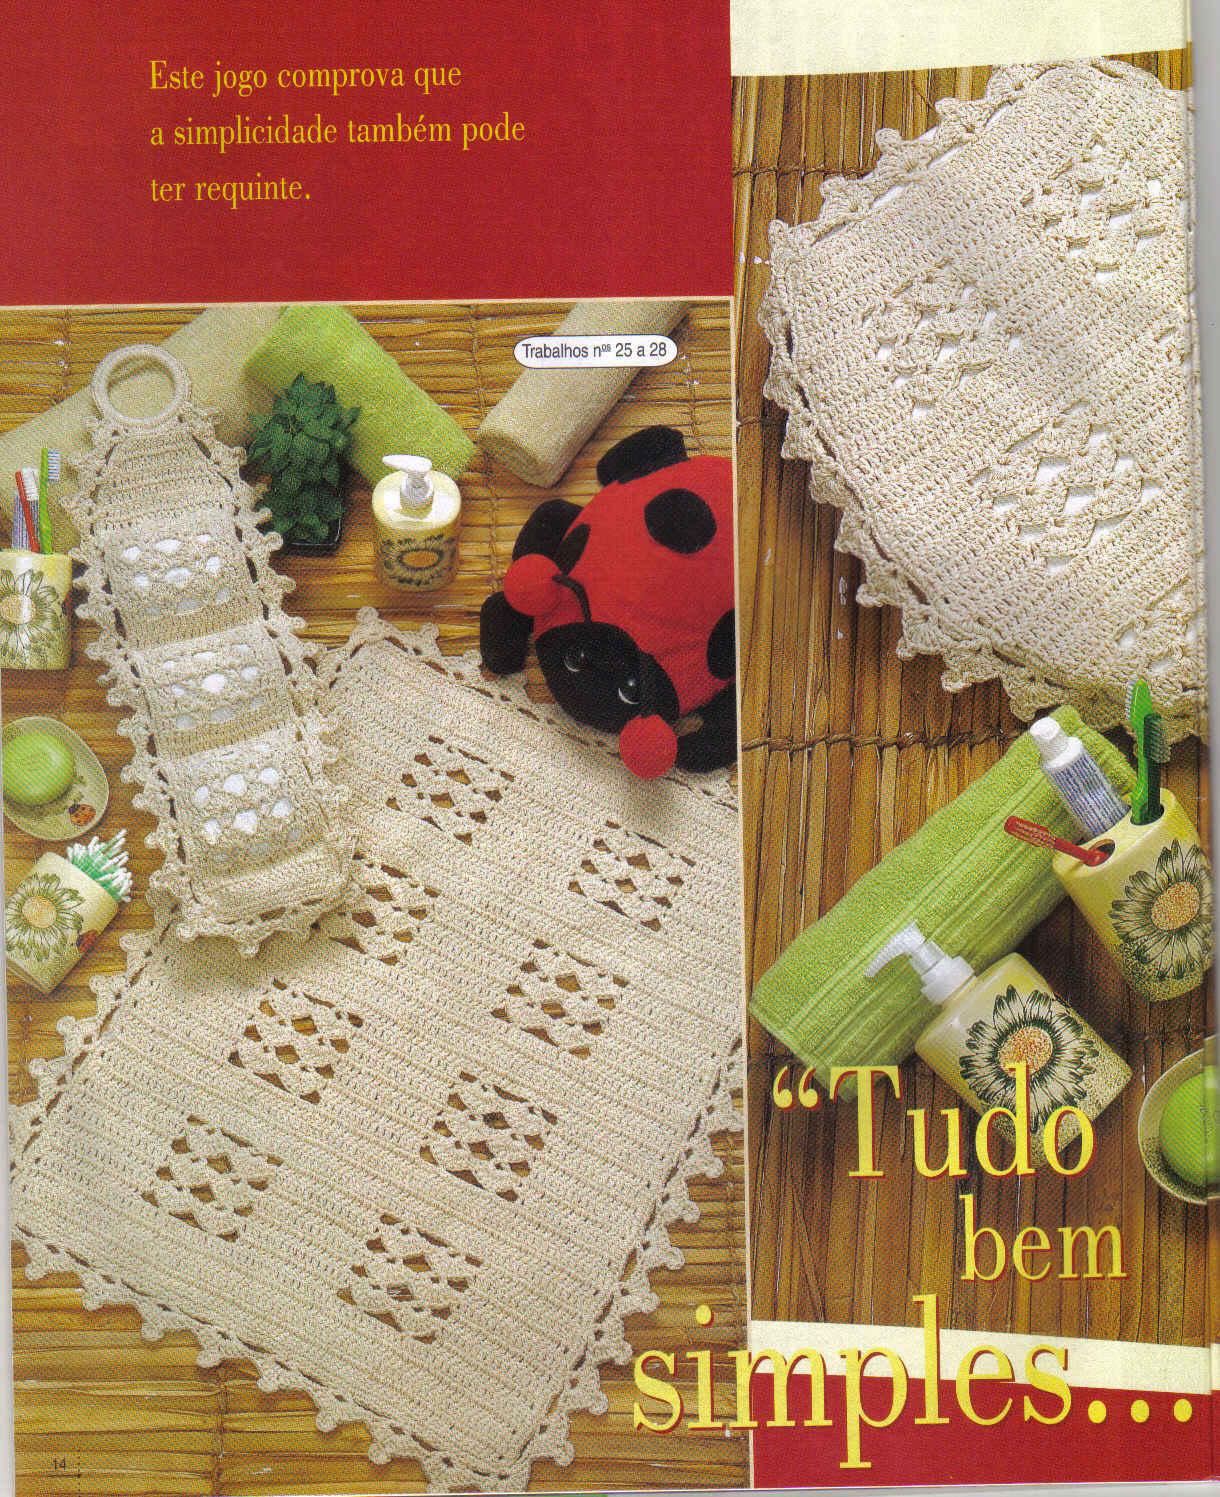 : Conjunto Banheiro em Crochê Modelo Simples e Bonito Gráficos #A23029 1220x1497 Banheiro Bonito Simples